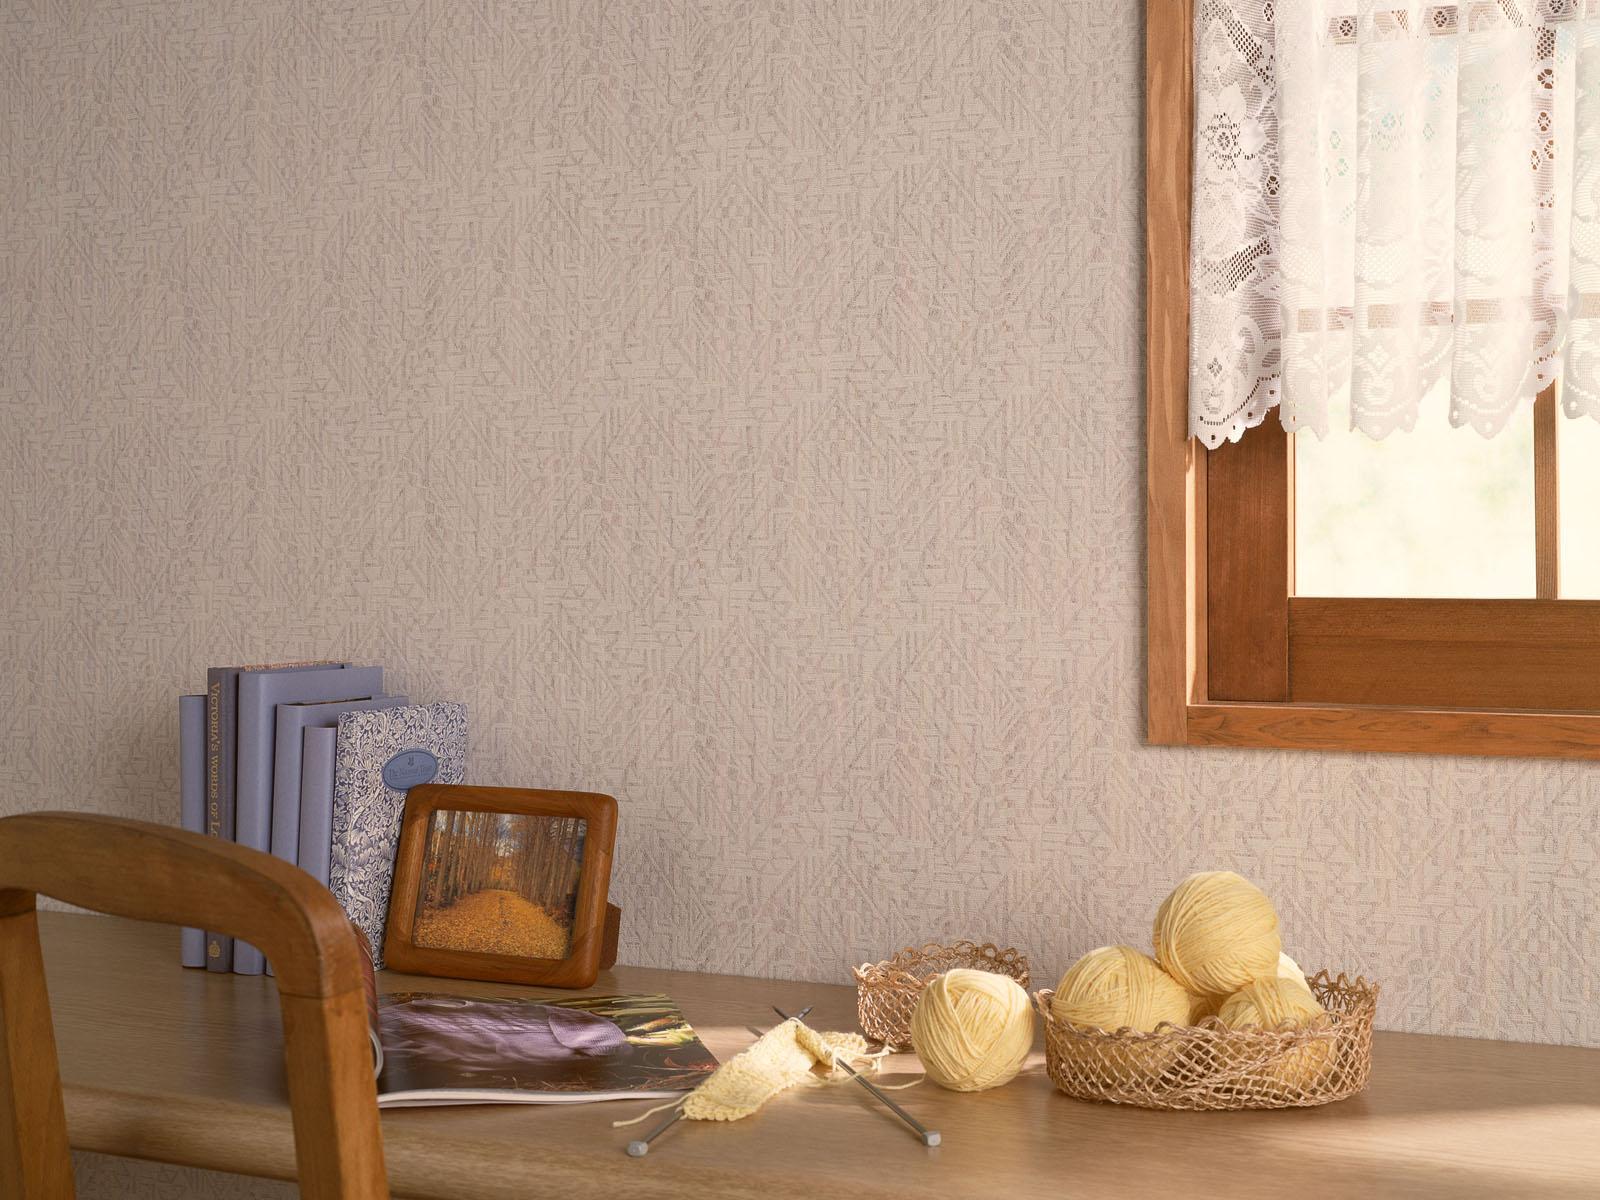 urban-room-interior-texture-wall urban room interior texture wall